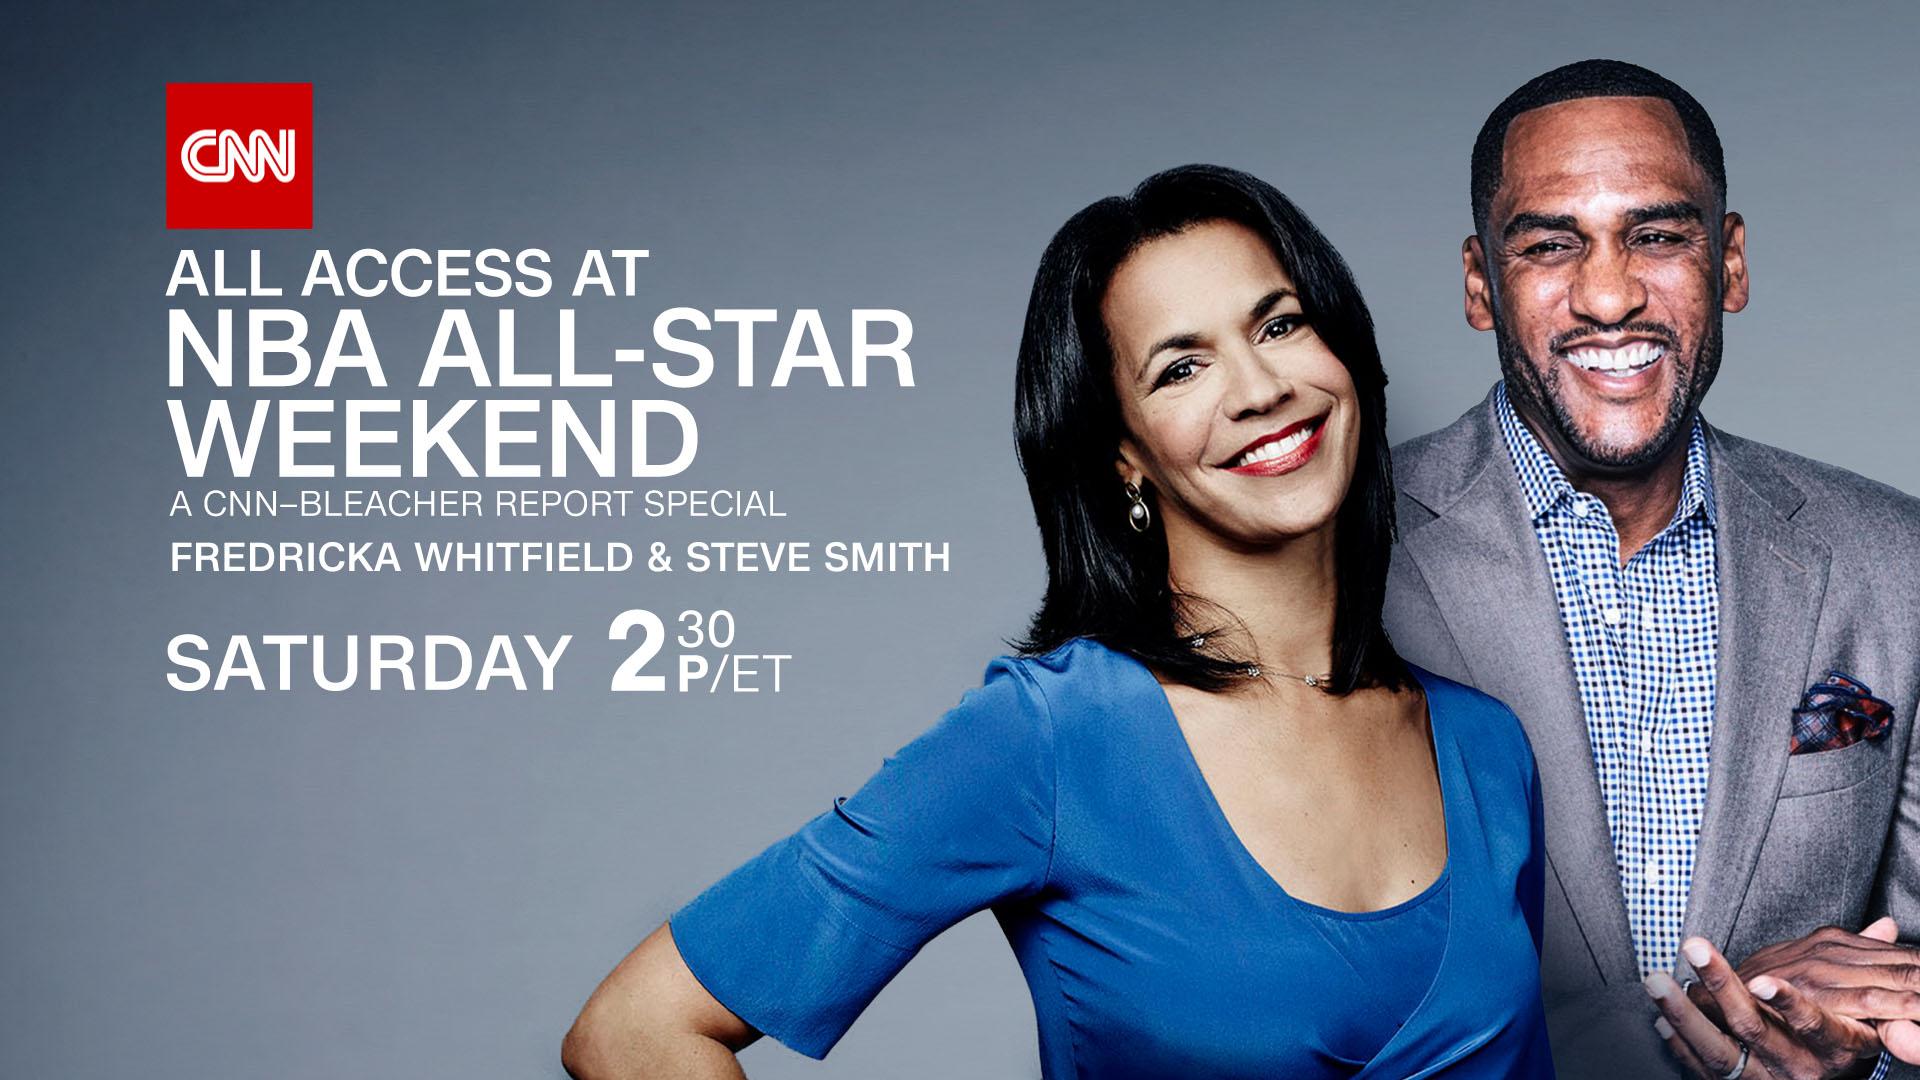 """CNN PRESENTS """"All Access at NBA All-Star Weekend: A CNN-Bleacher Report Special"""""""